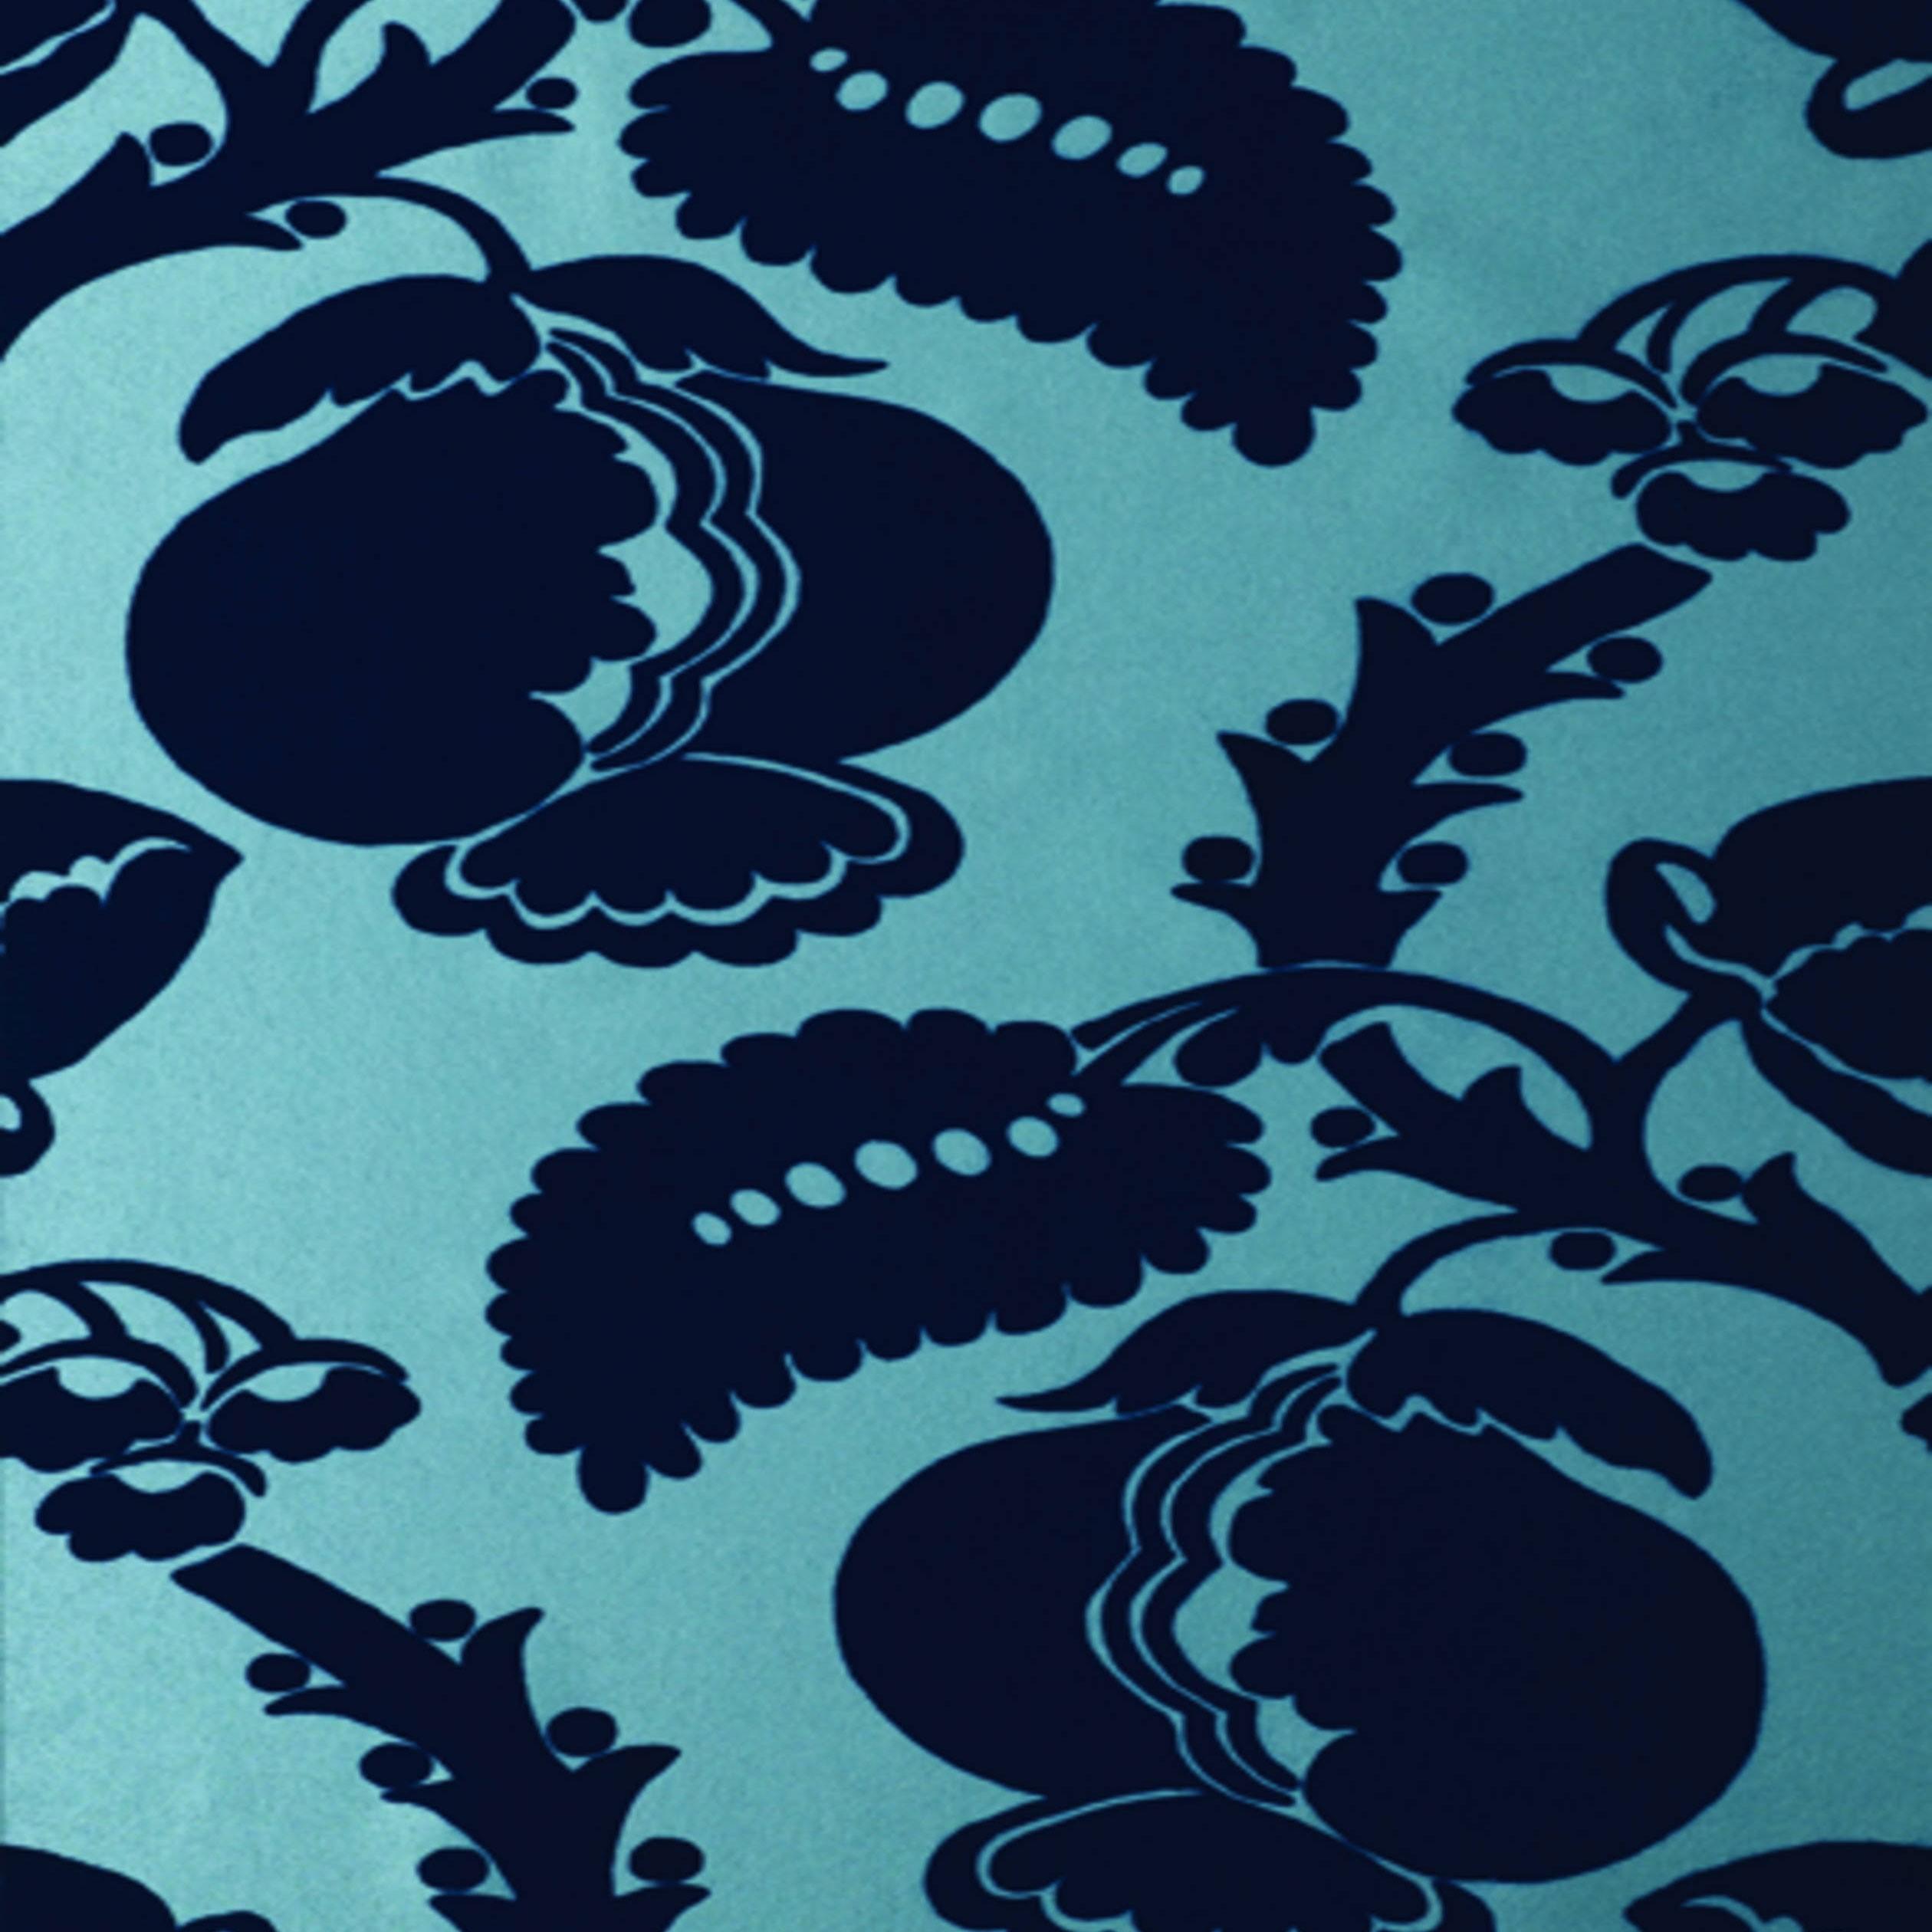 Royal Blue Wallpaper Great Choice of Navy Wallpaper